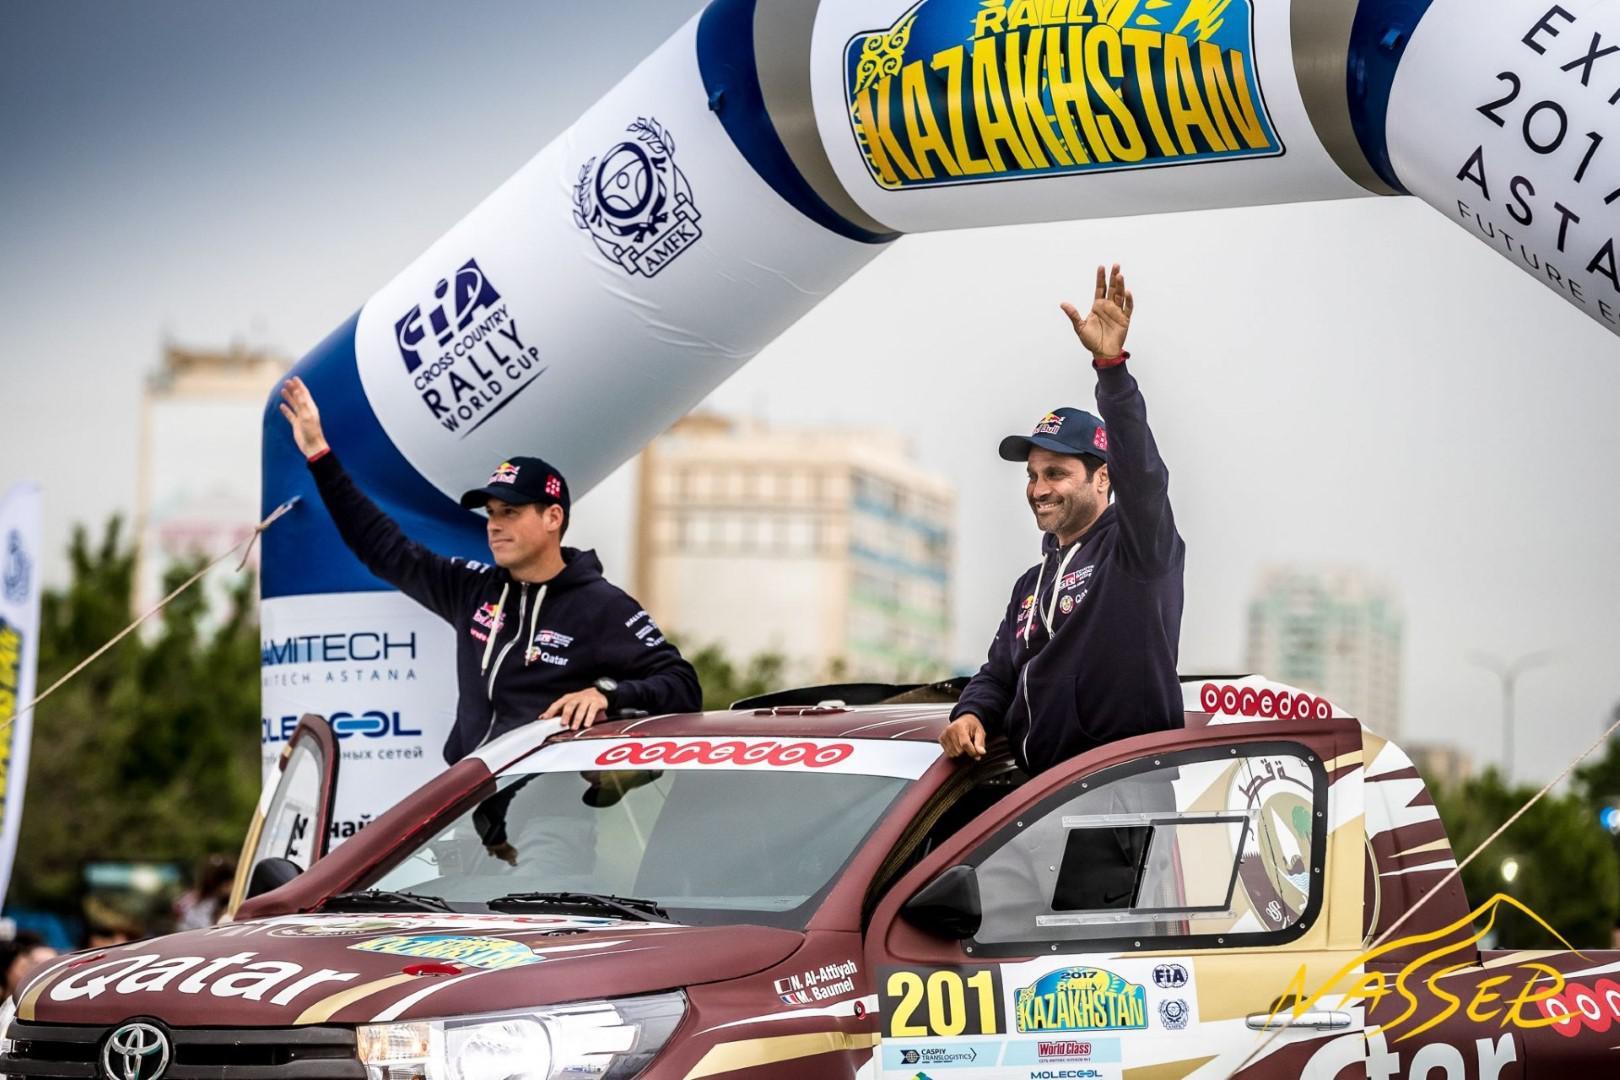 Nasser Al-Attiyah remporte le Rallye du Kazakhstan 2017